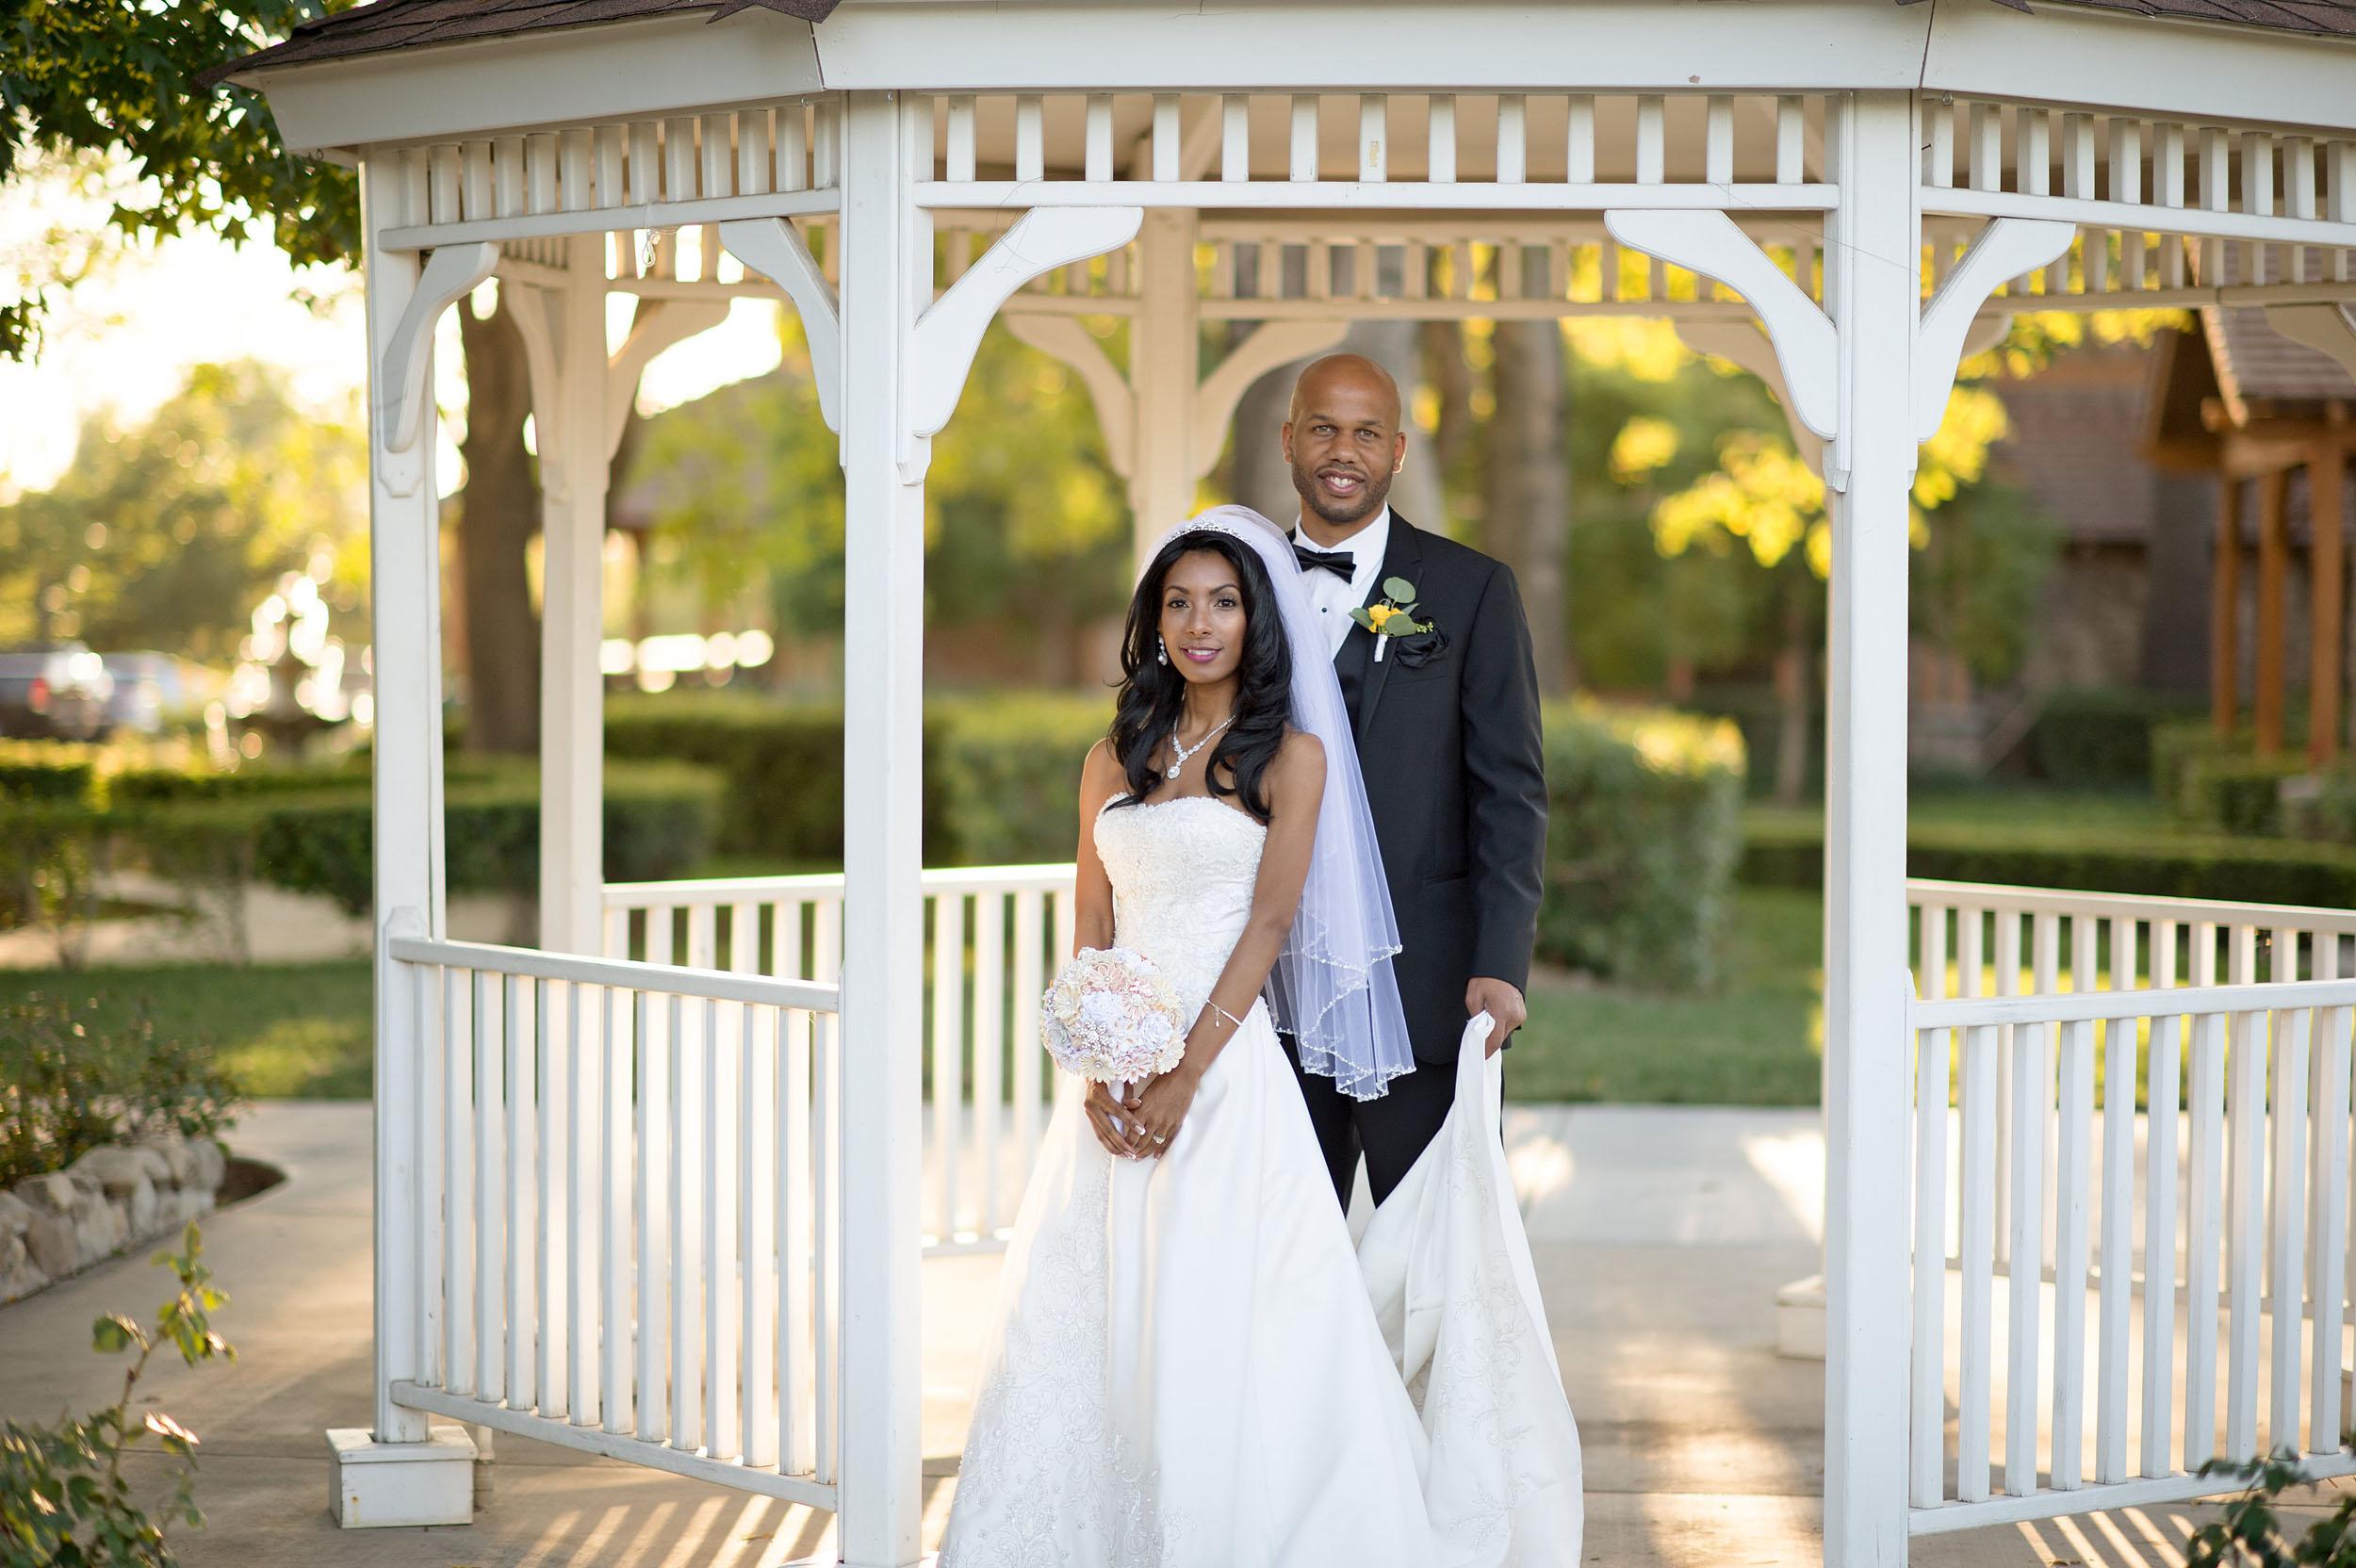 Bride and groom at the gazebo at  CCV SoCal (Etiwanda Campus) in Rancho Cucamonga.